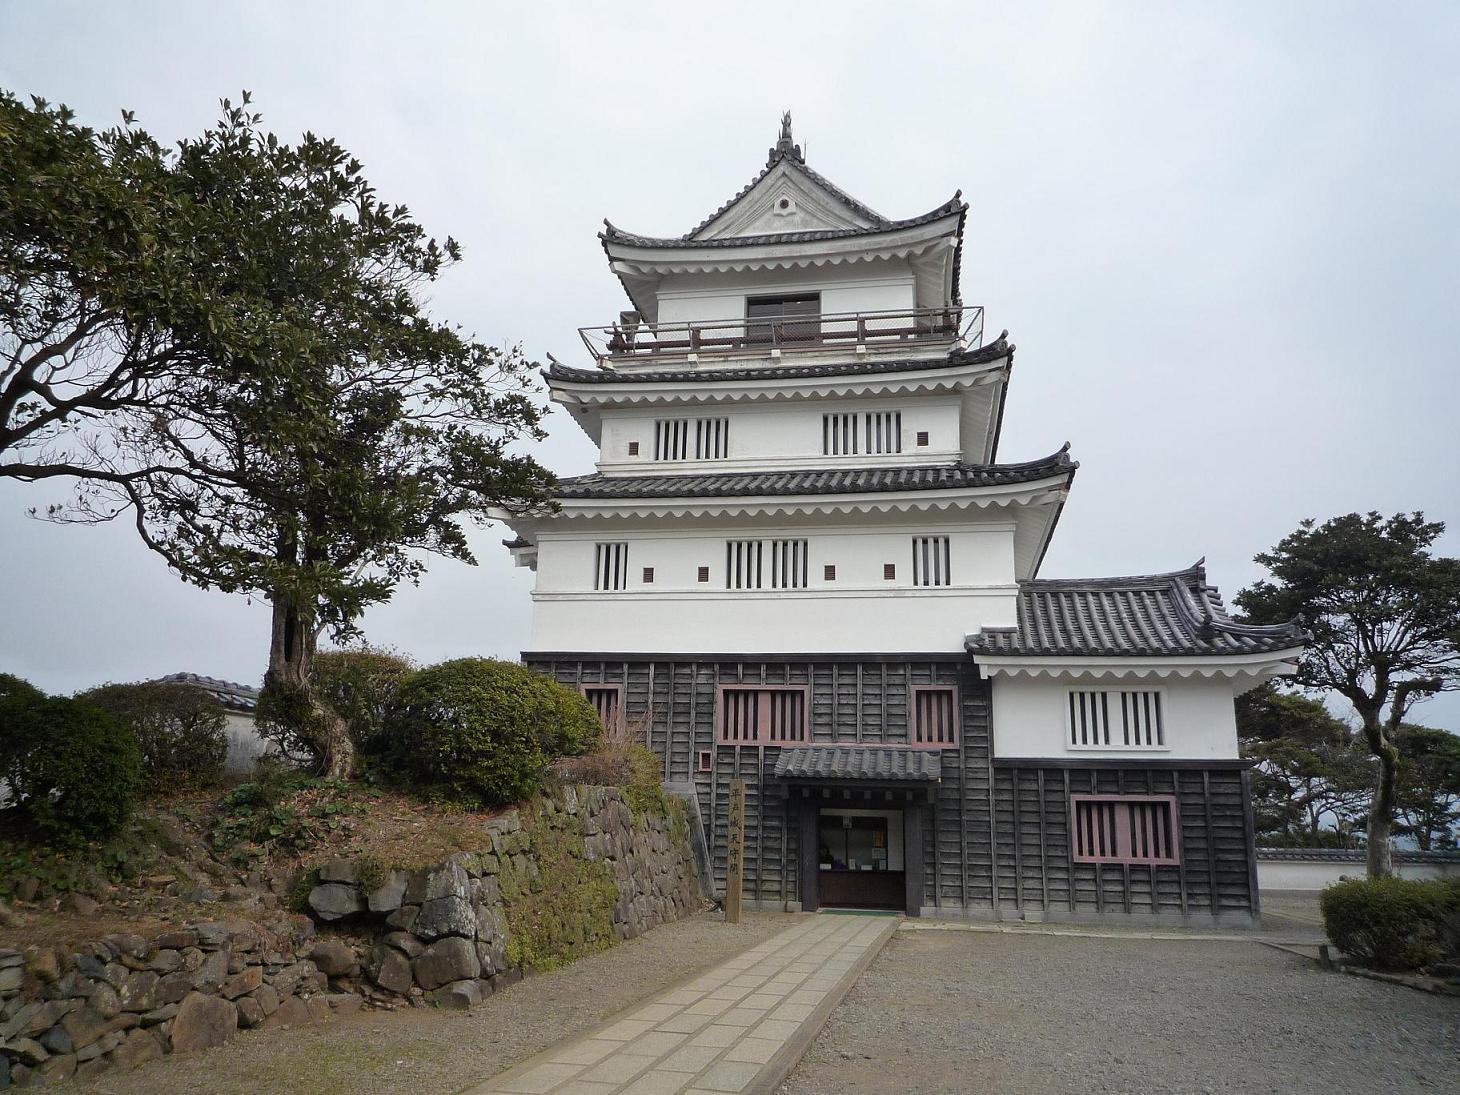 異国文化が融合する「平戸」の観光スポットおすすめランキング